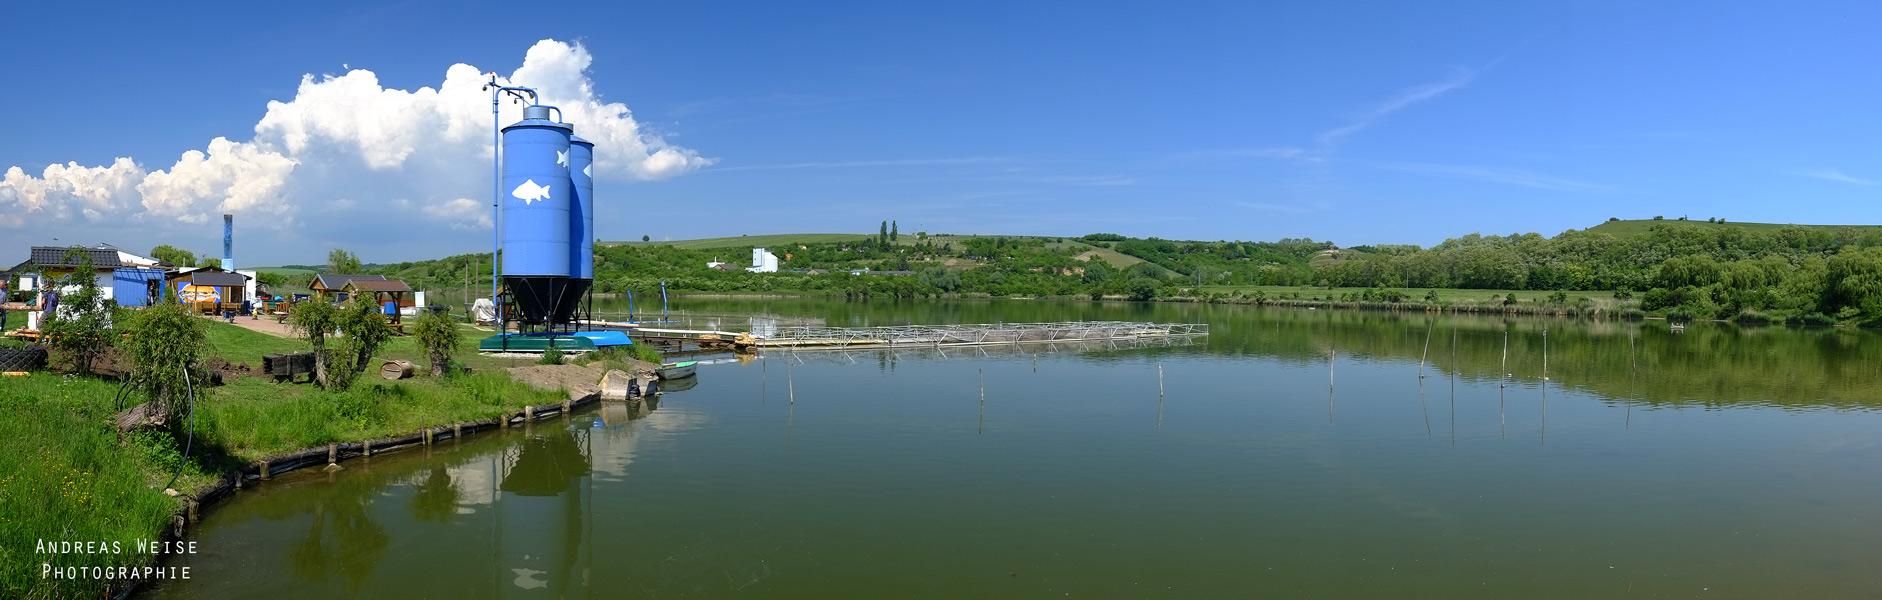 Kerner See Fischzucht